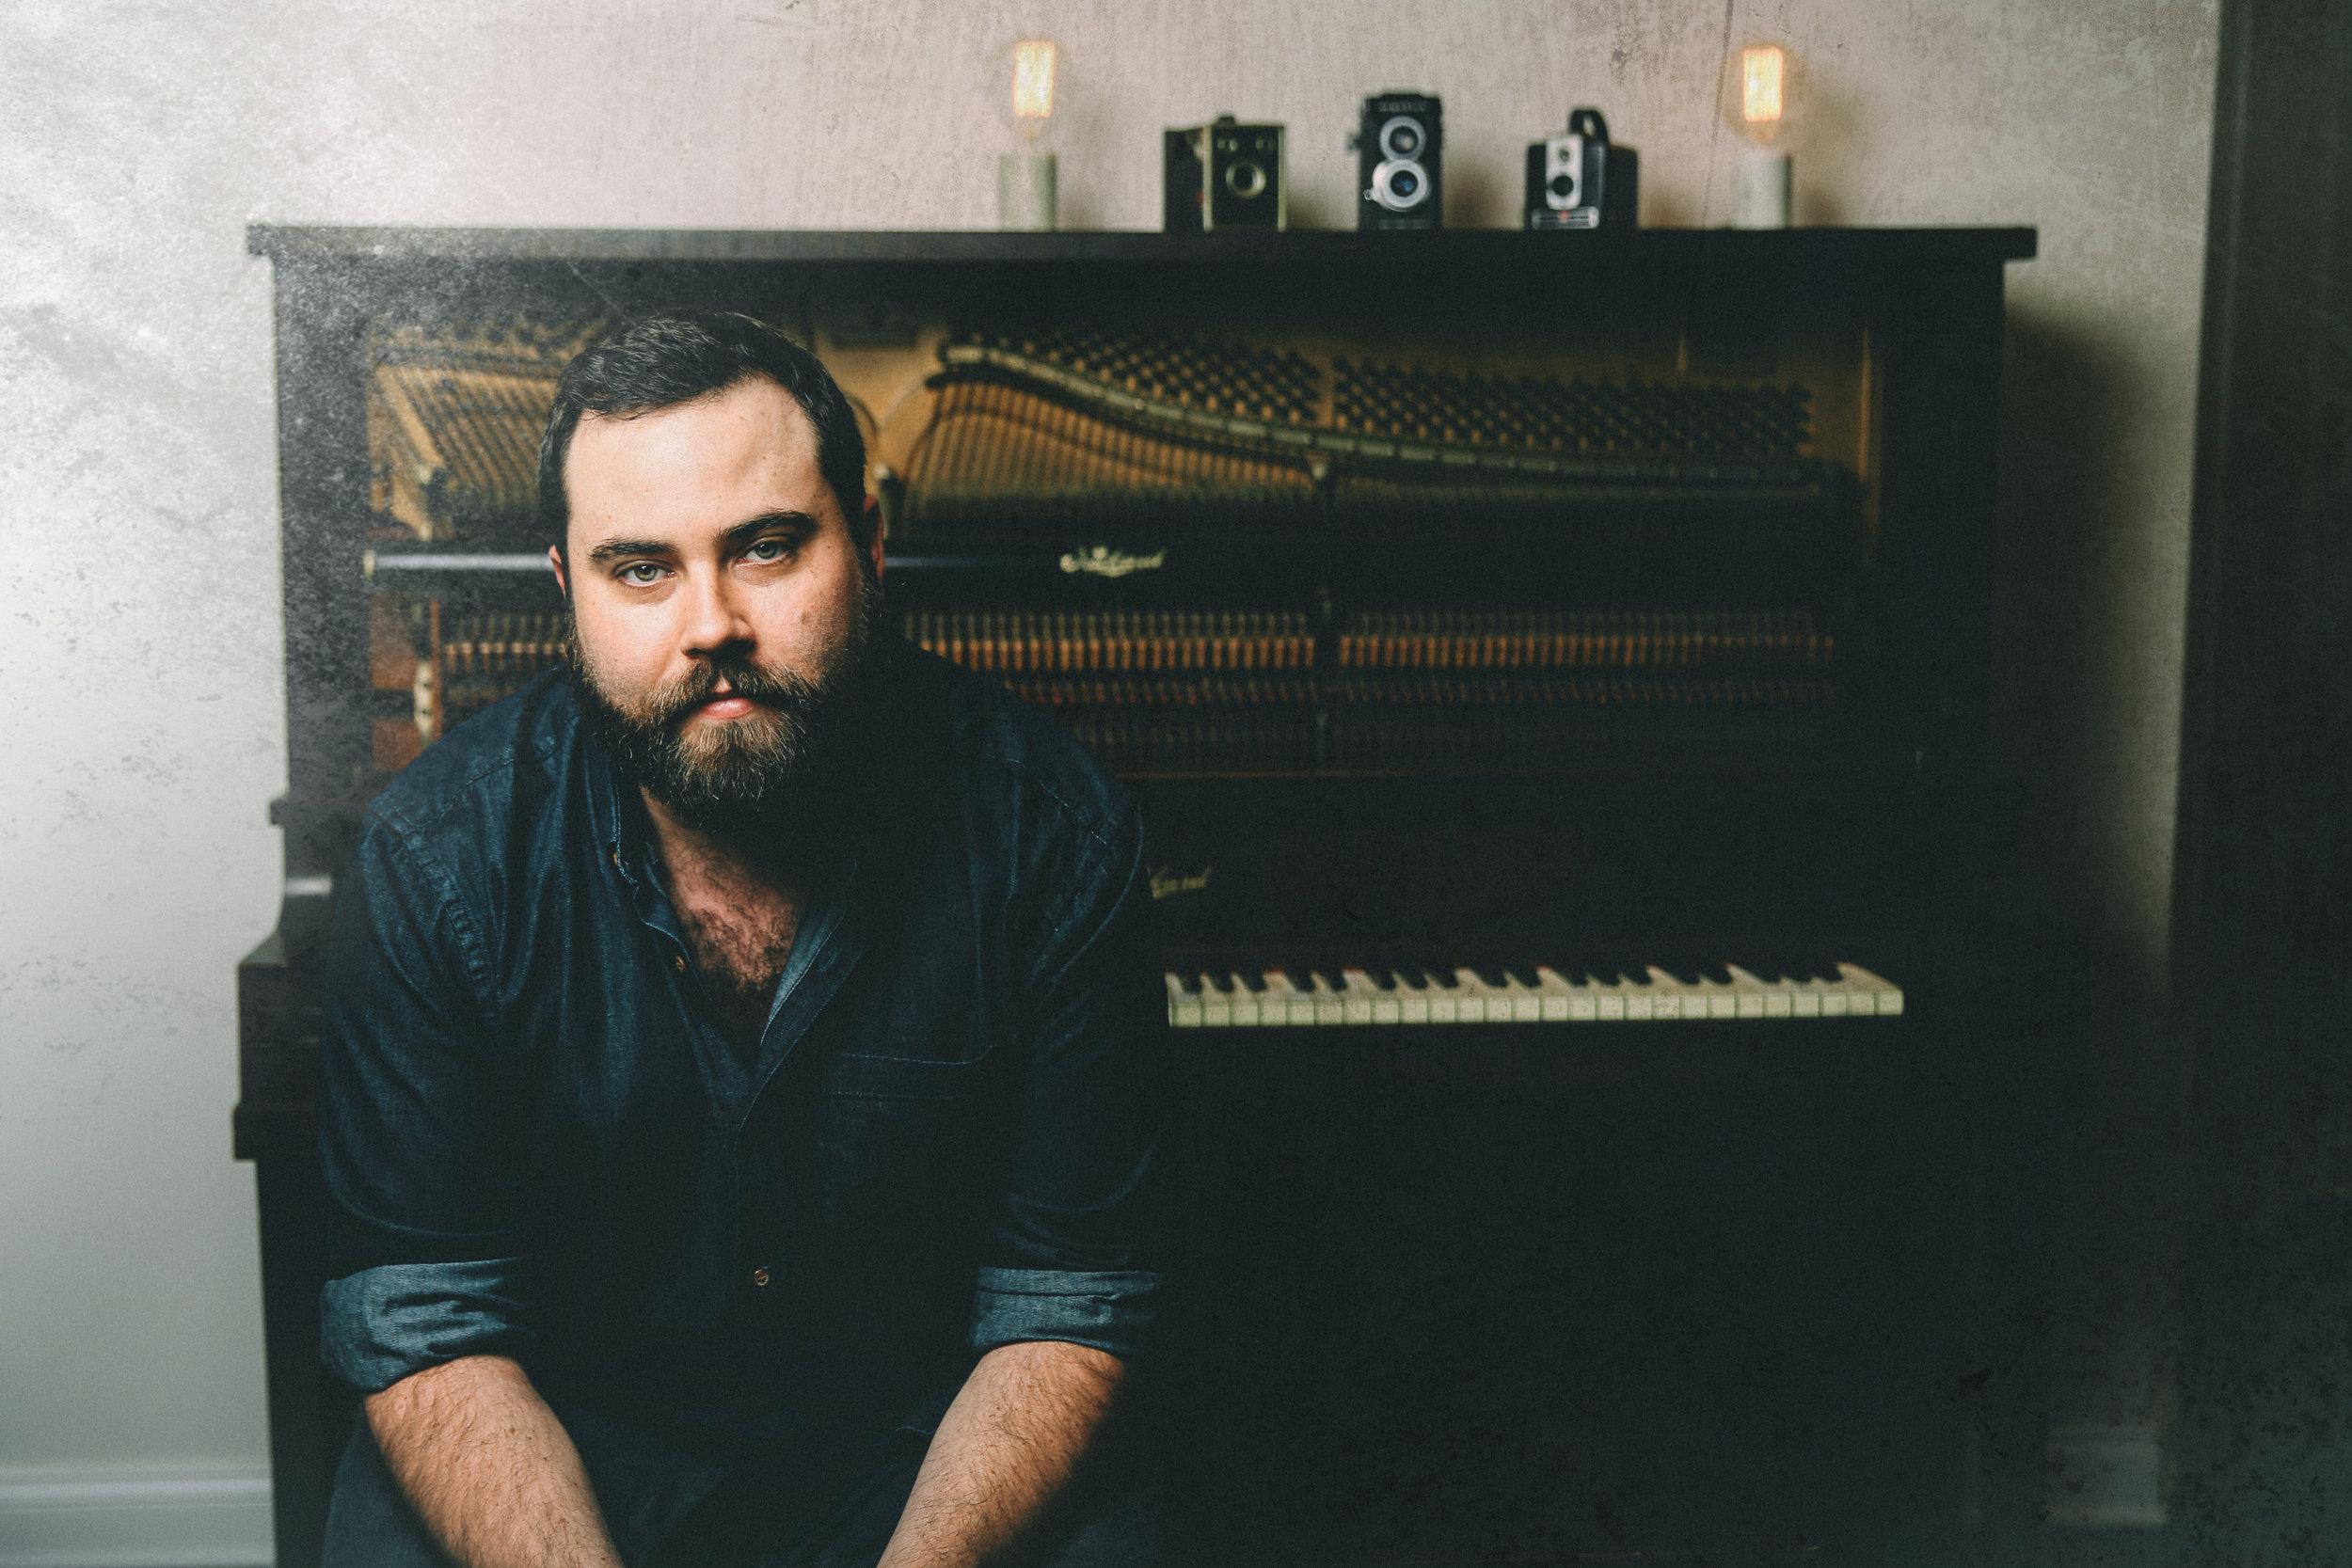 Craig Haller , Nashville-based songwriter and producer